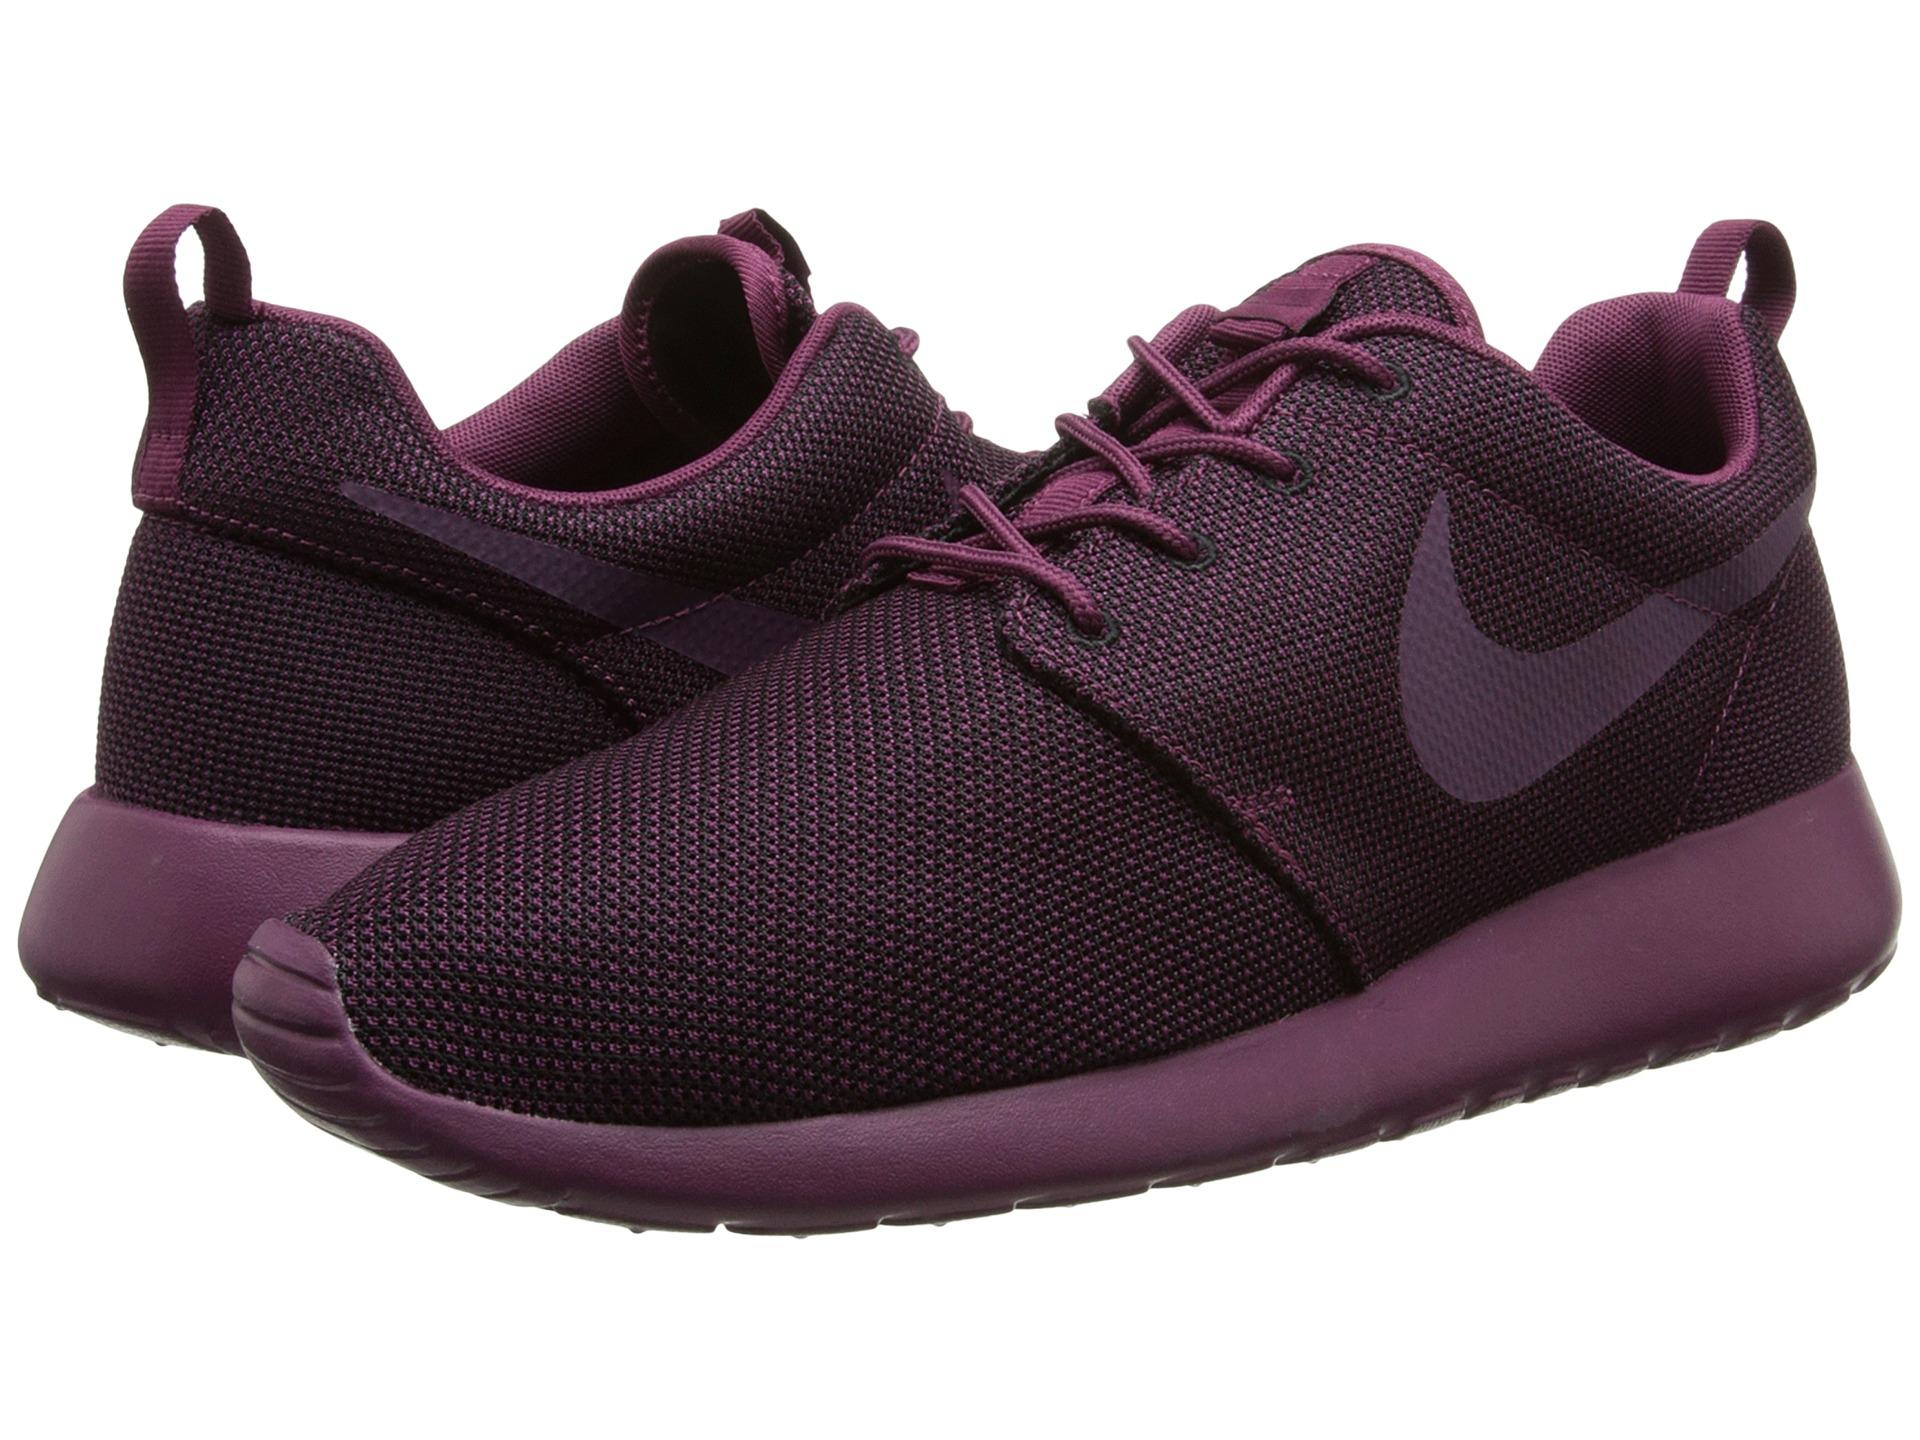 e67986374814 ... promo code for lyst nike roshe run in purple for men 8419b d7333